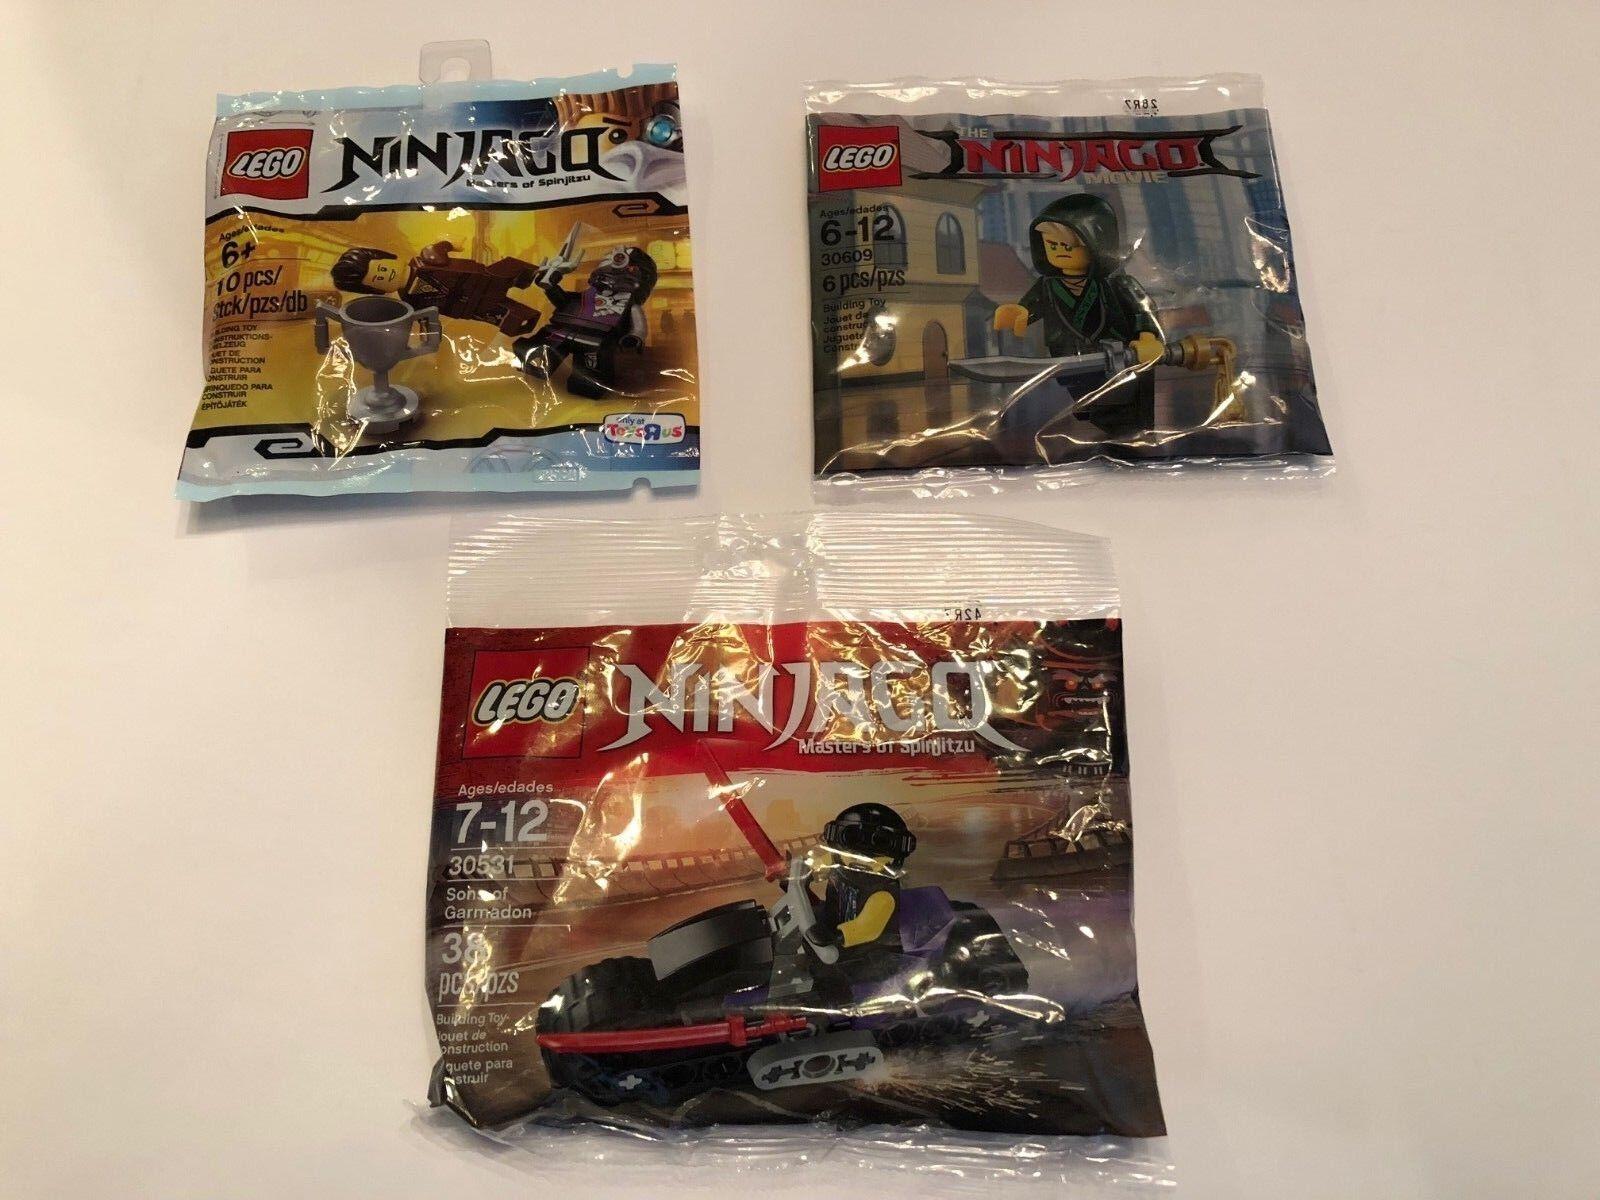 Lego Lego Lego ninjago film - polybeutel viel (3) toys r us - neu versiegelt - absender 0b92ab